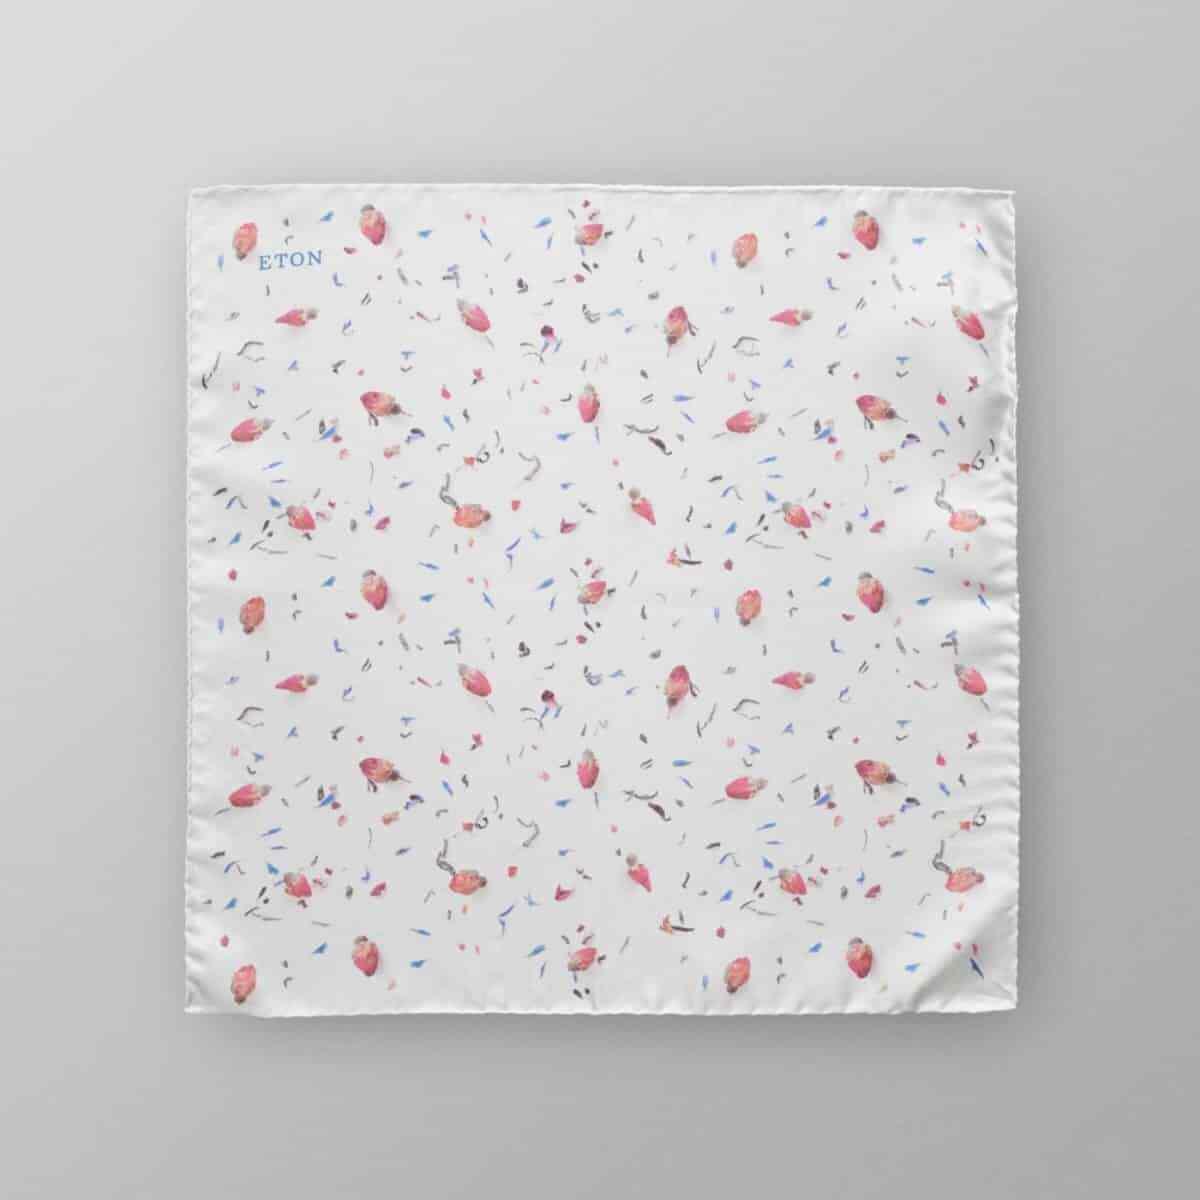 Eton Camisas-Edición Limitada Blanco Seda Bolsillo Cuadrado Con Floral Rose Bud P...